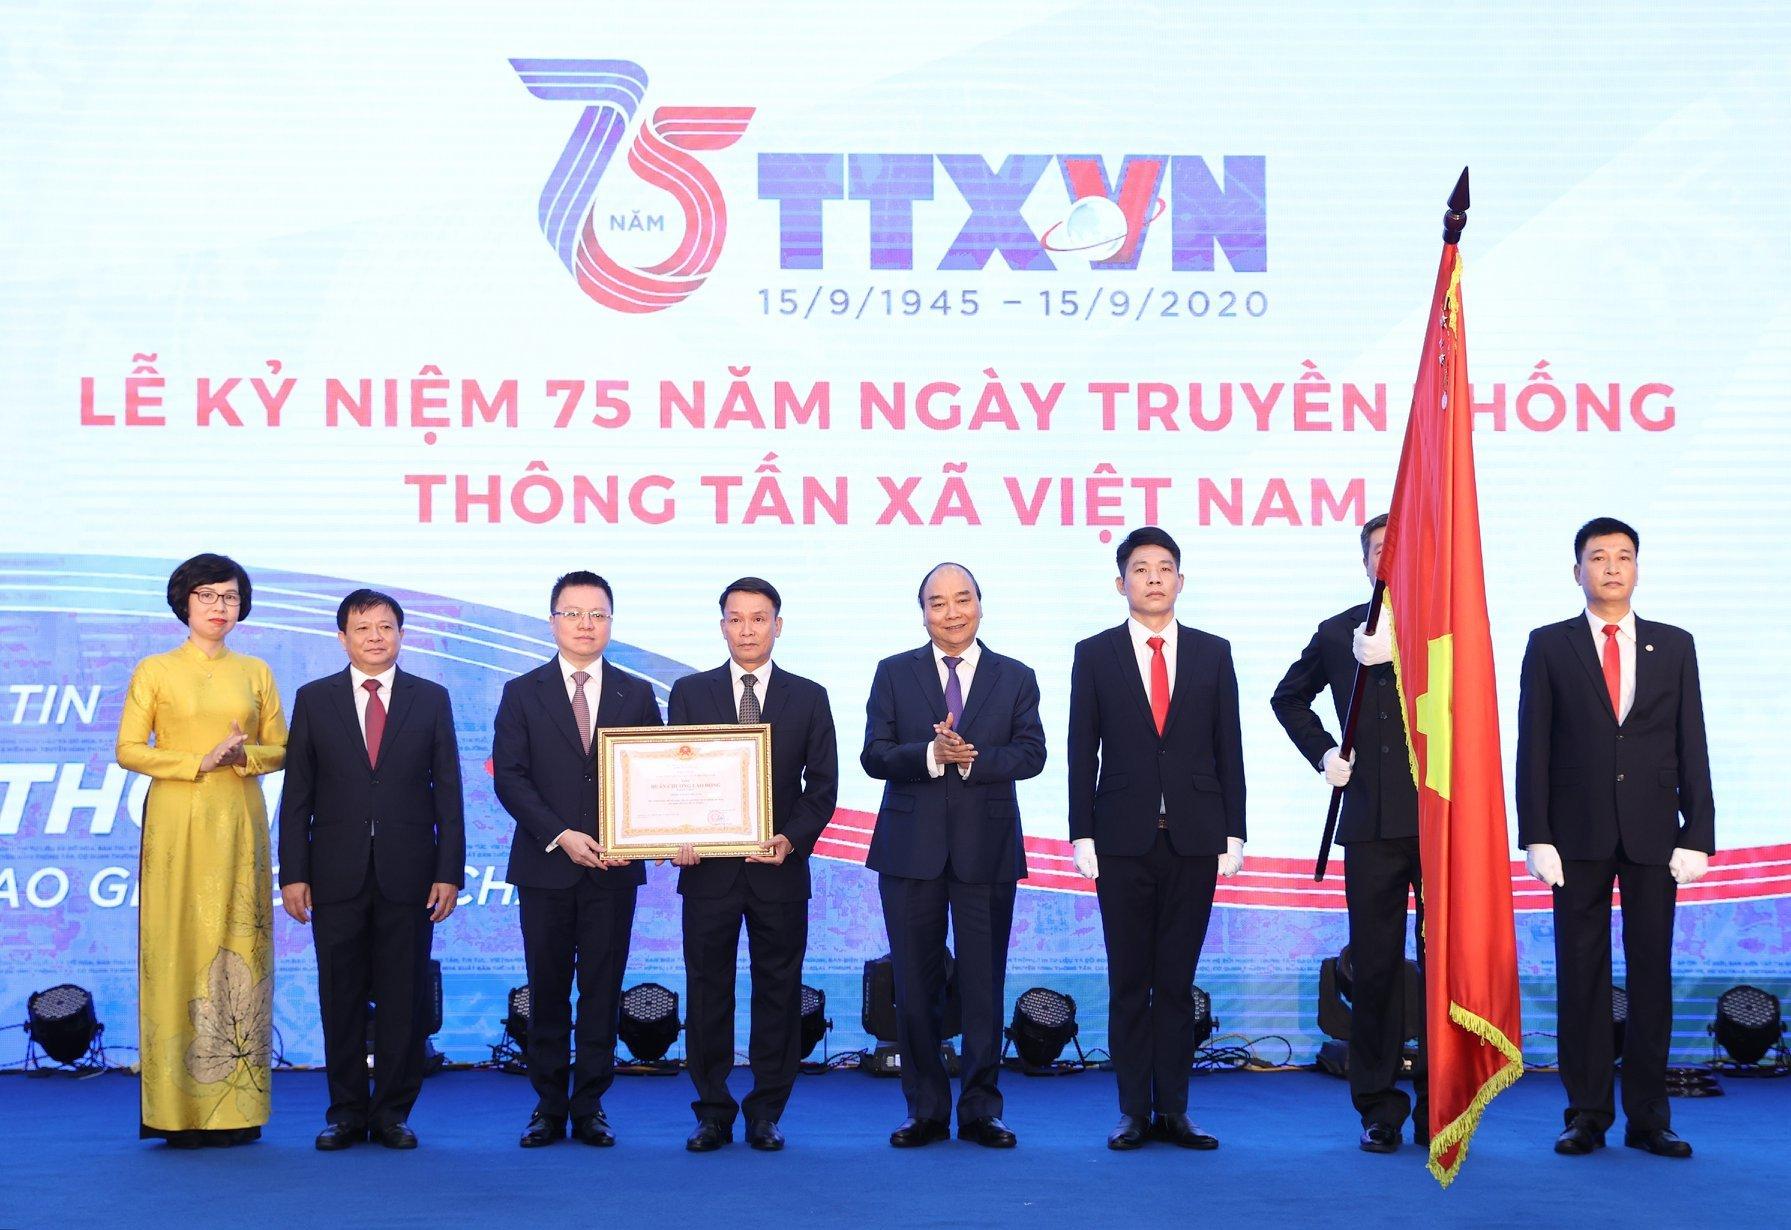 Thủ tướng: Viết tiếp 'biên niên sử' báo chí về dân tộc Việt Nam